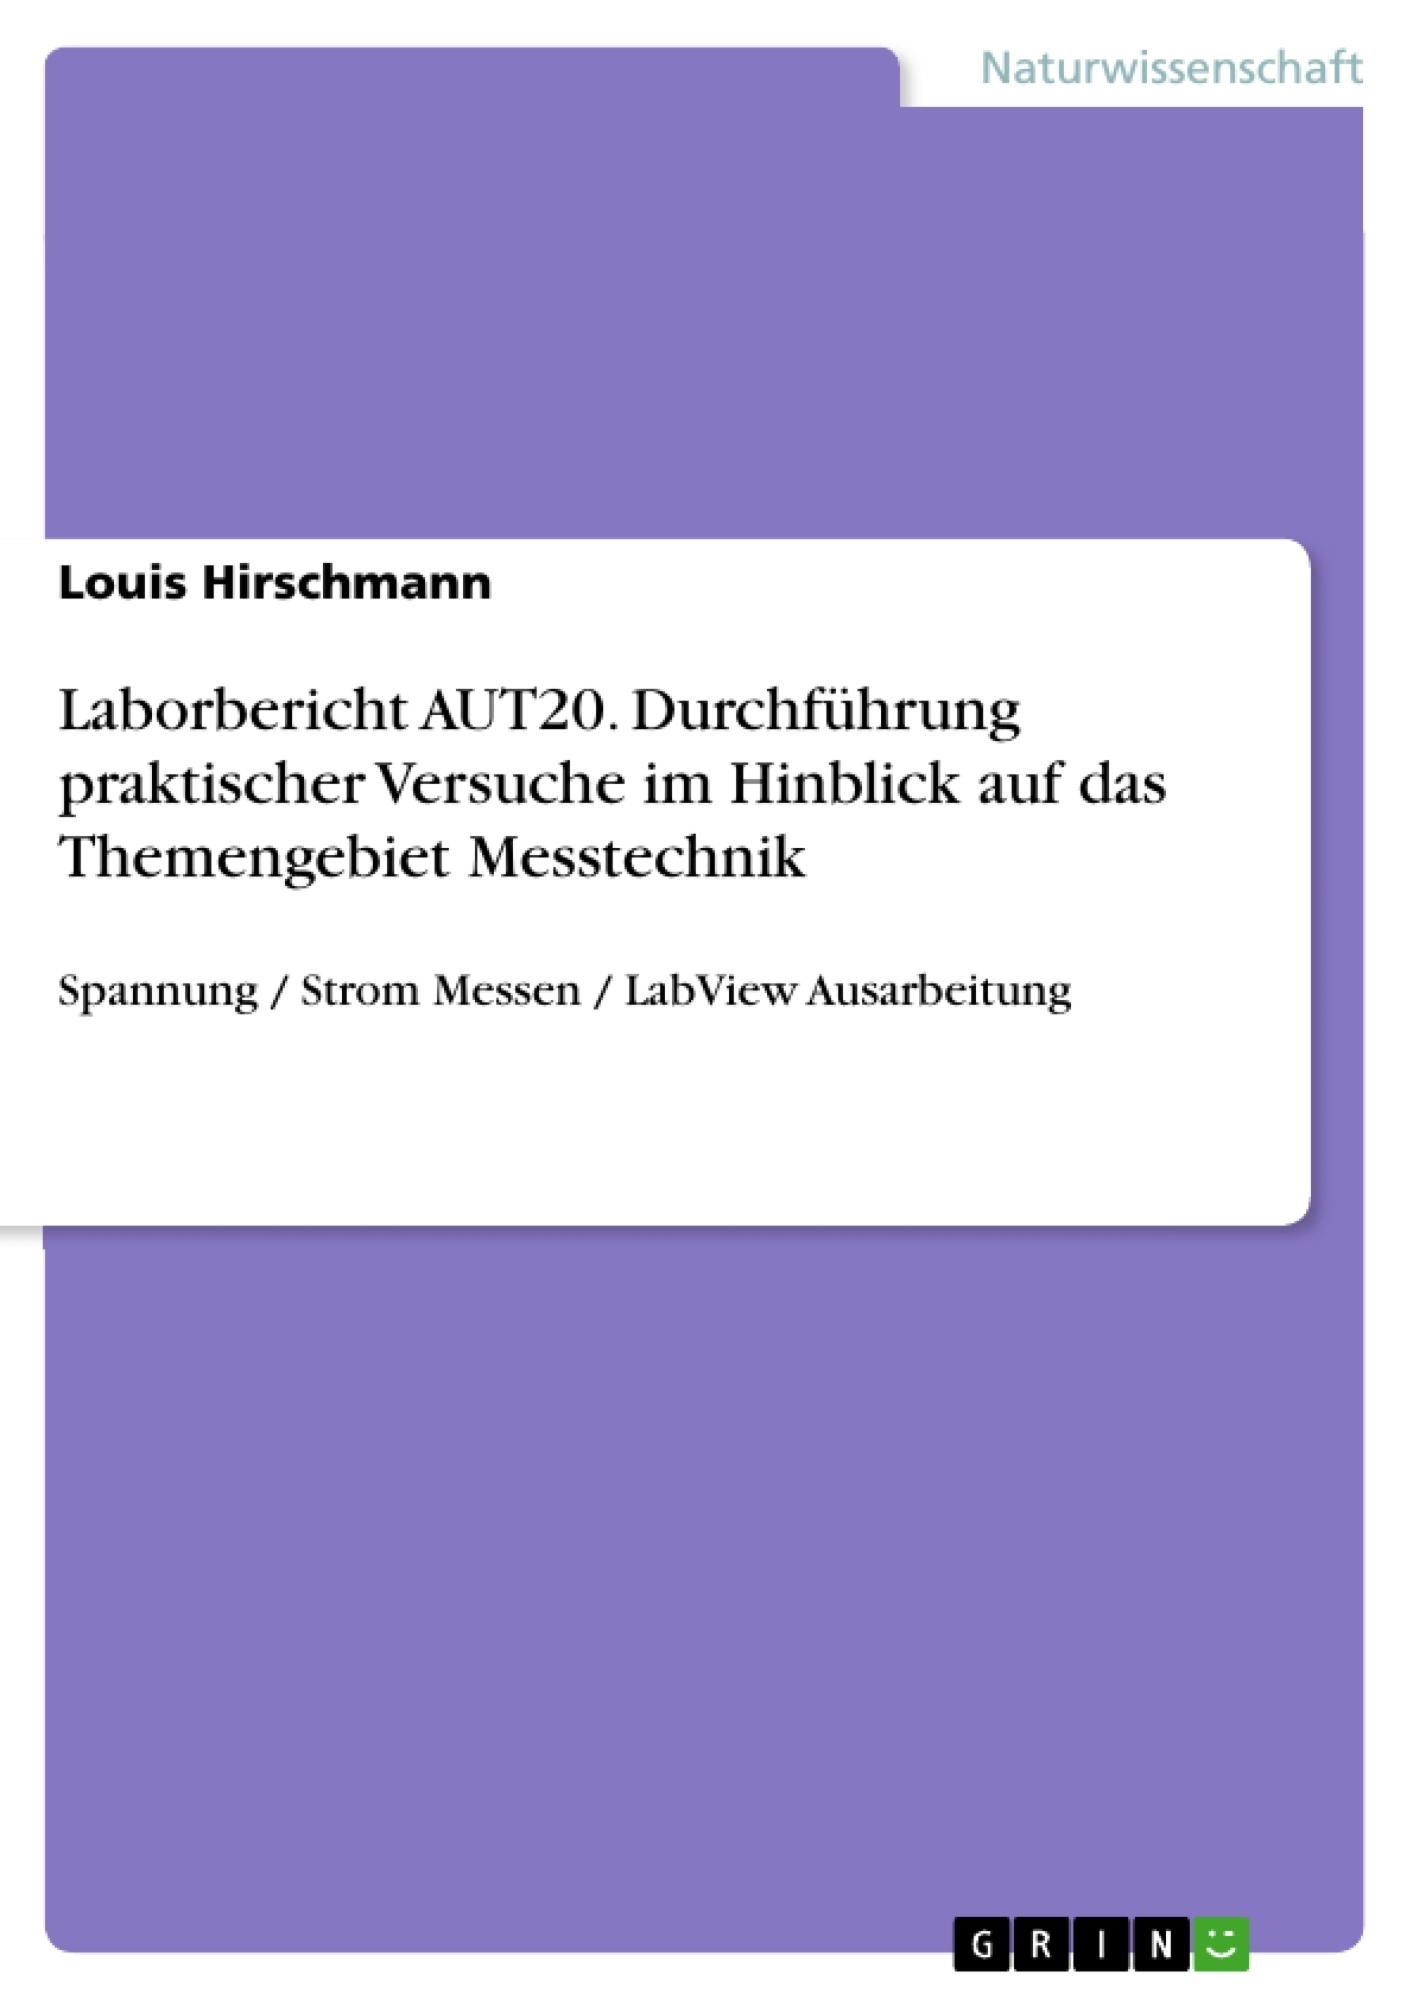 Titel: Laborbericht AUT20. Durchführung praktischer Versuche im Hinblick auf das Themengebiet Messtechnik